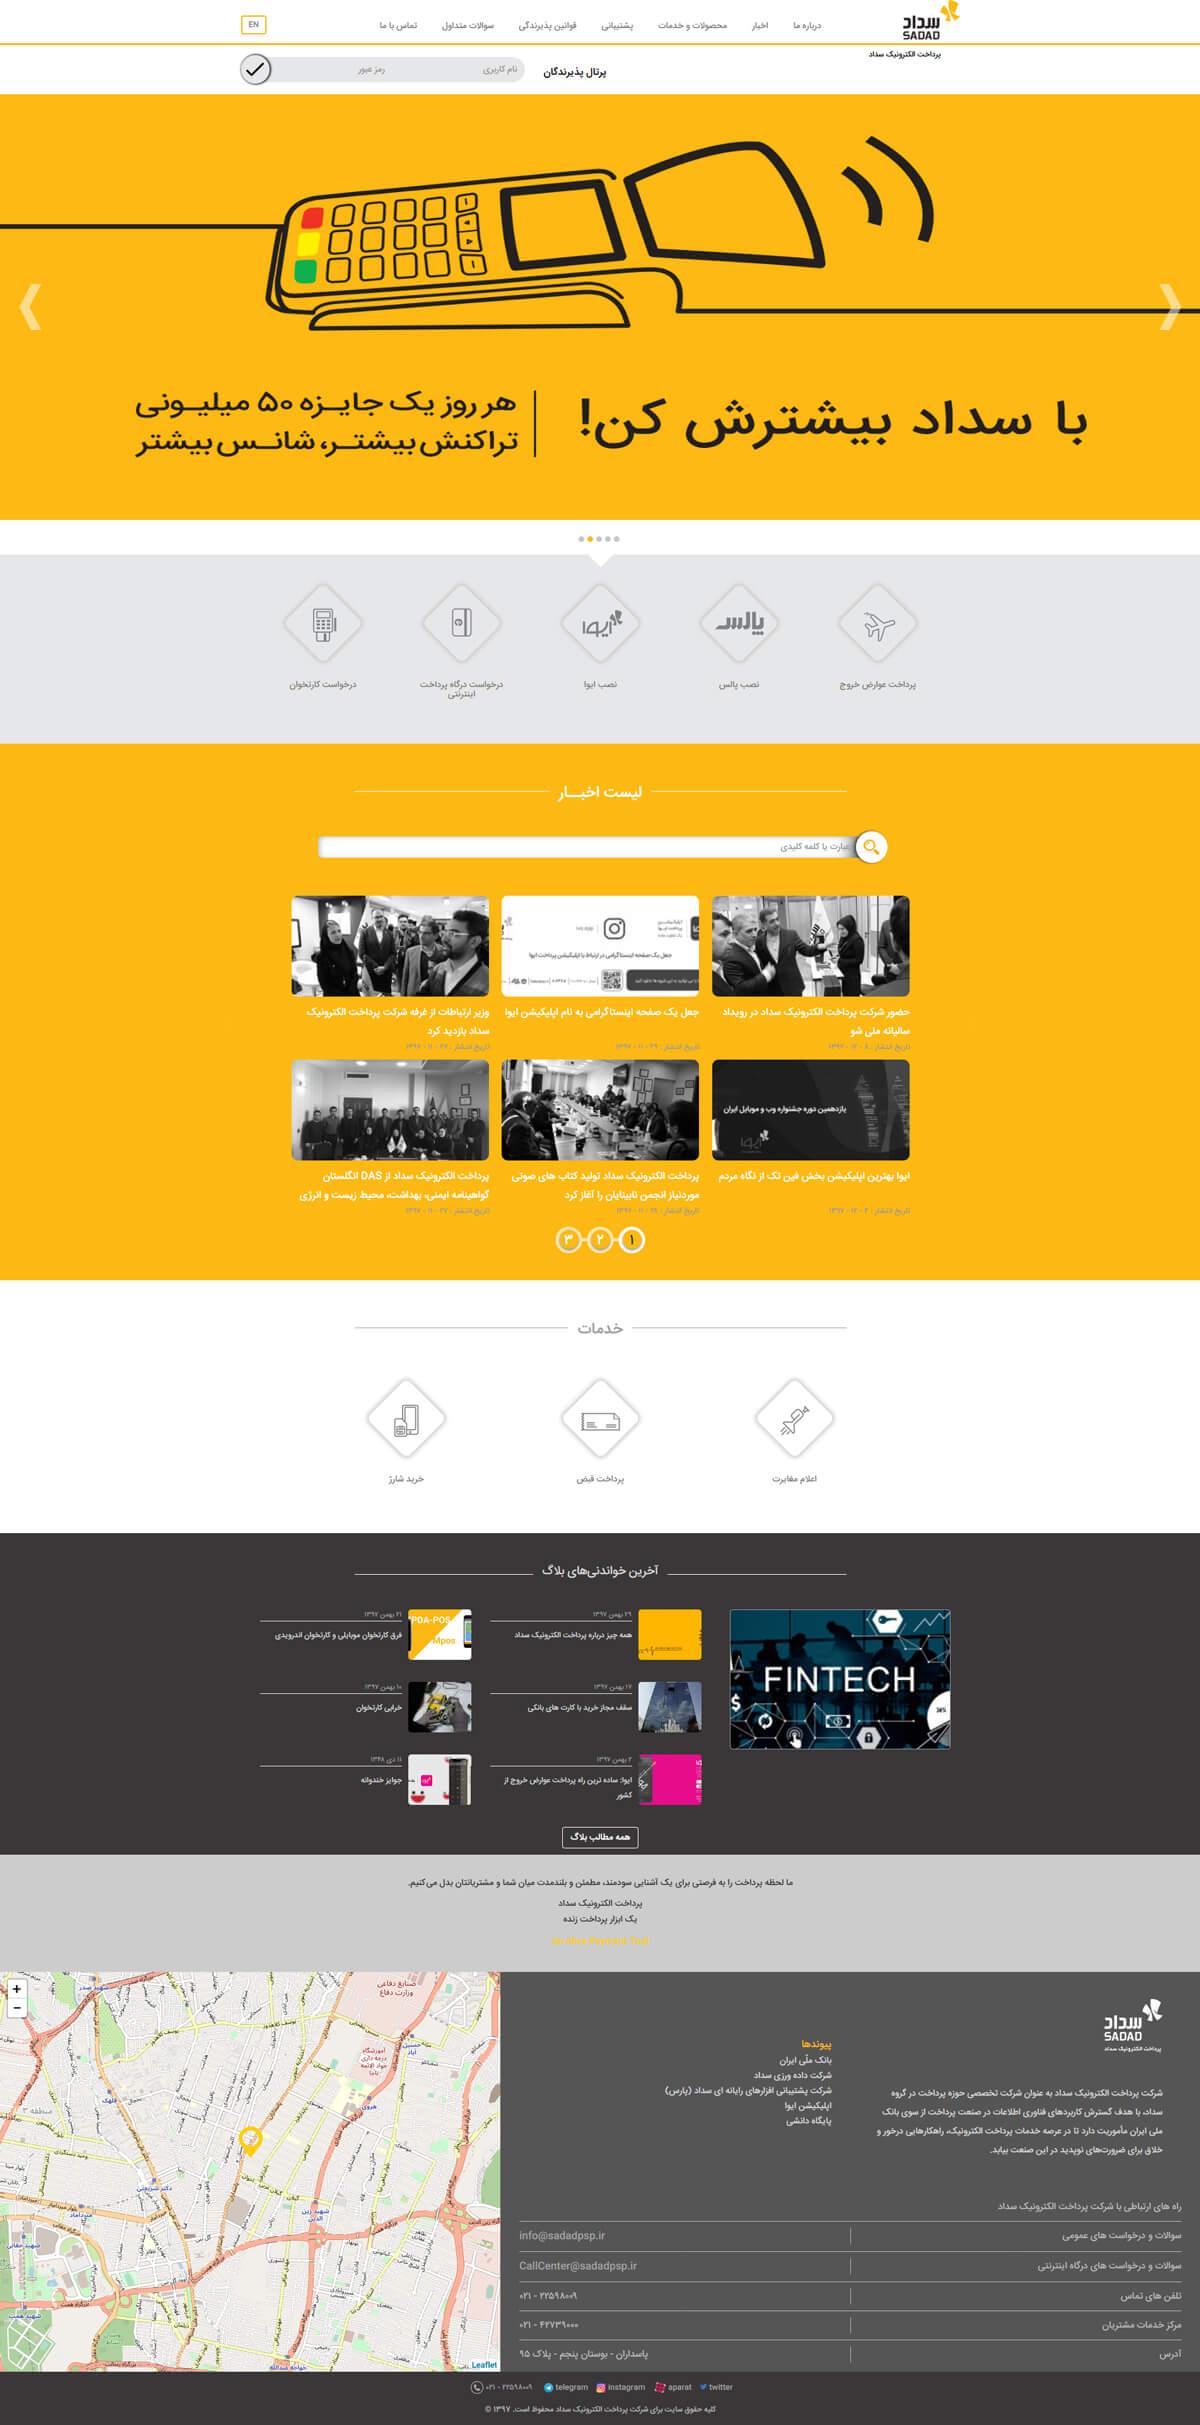 طراحی سایت سداد پی اس پی